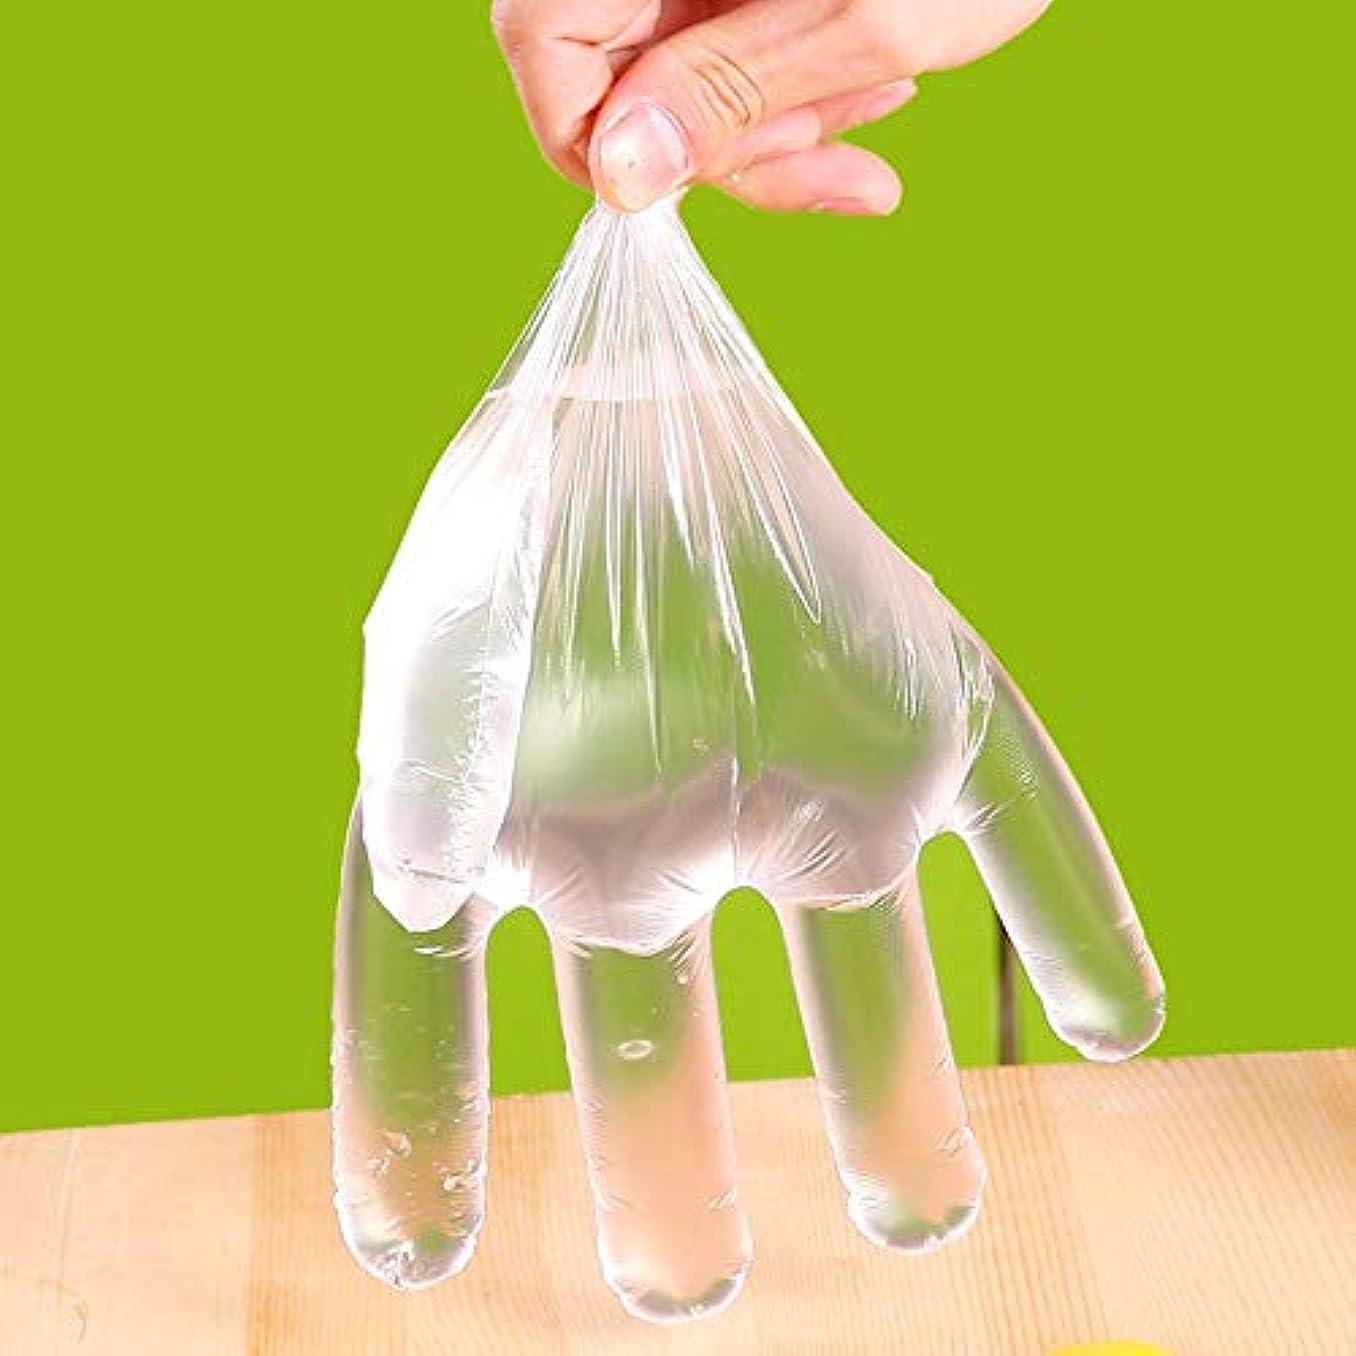 天才理解する逆Roman Center 使い捨て手袋 ビニール極薄手袋 調理 100枚入